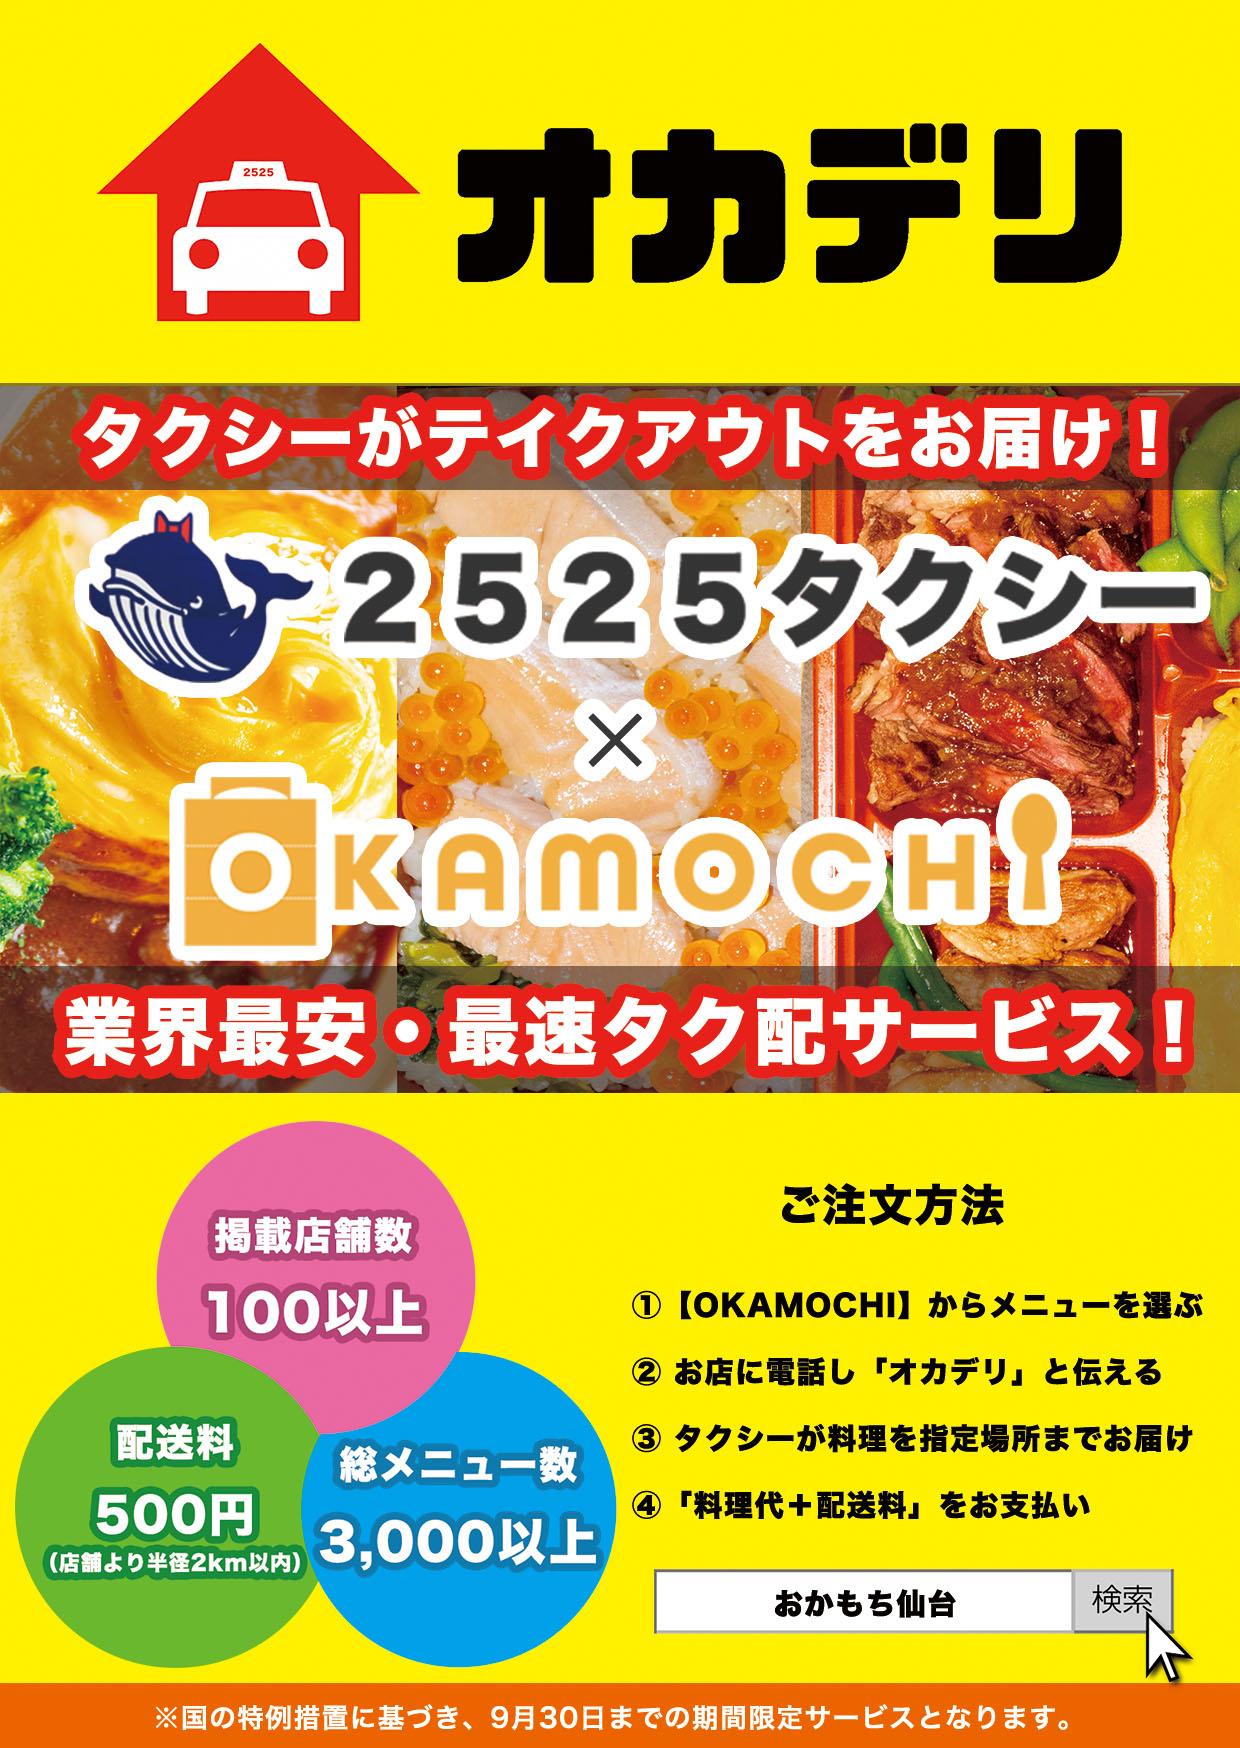 【宮城県仙台市】タクシーデリバリーサービス「オカデリ」を開始しました!